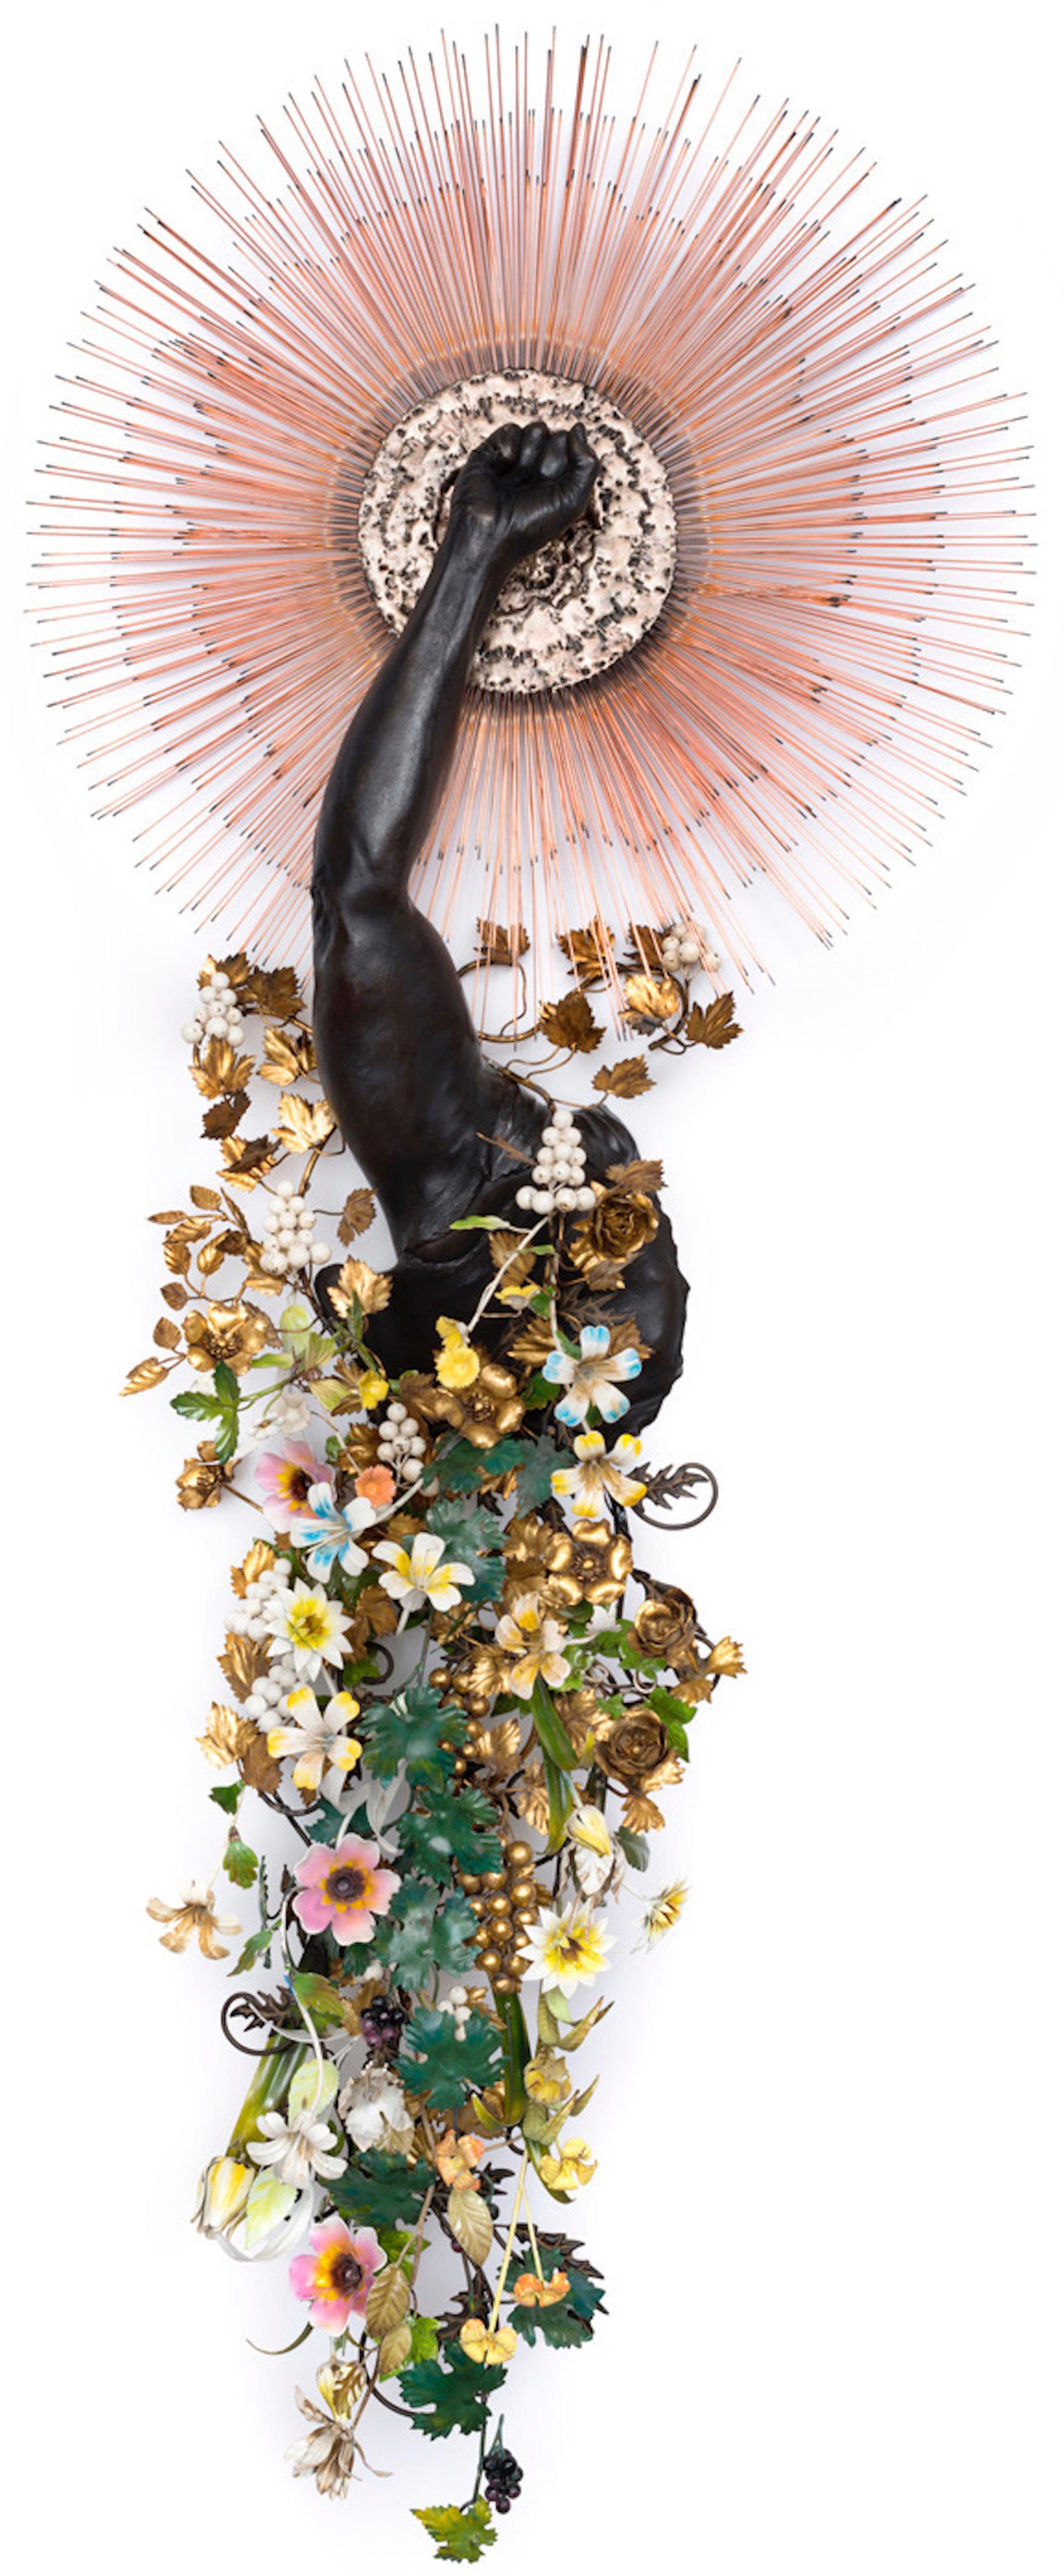 NICK CAVE, Arm Peace, Cast bronze, vintage sunburst and tole flowers  80 1/2 x 32 1/2 x 13 3/4 inches